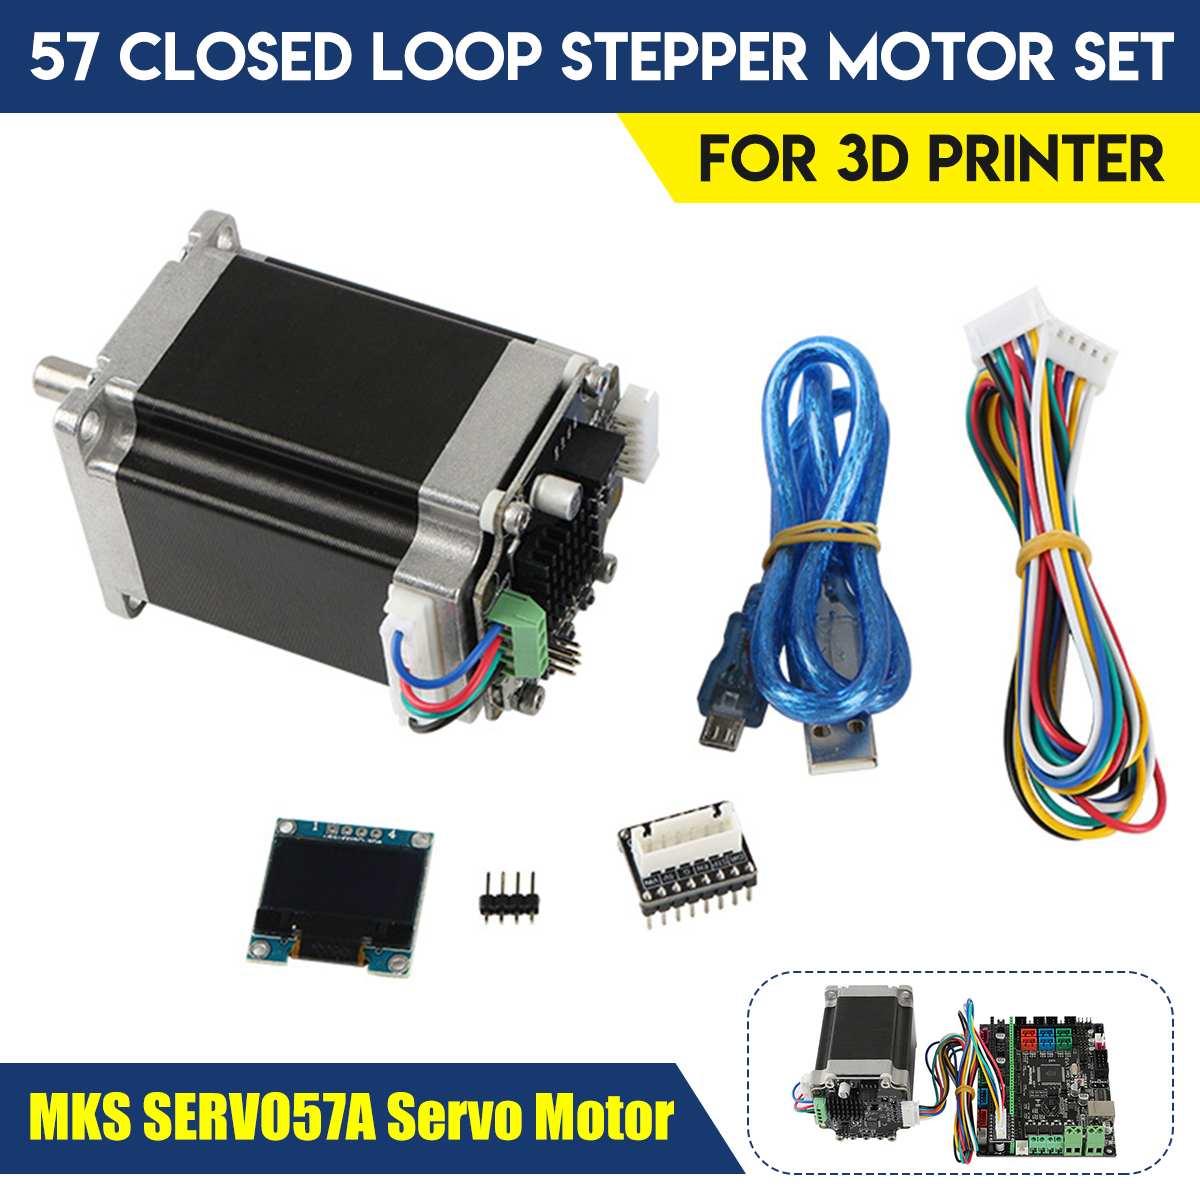 Stm32 57 circuito fechado conjunto do motor passo a passo para diy impressora 3d cnc gravador mks servo57a servo motor dropshipping